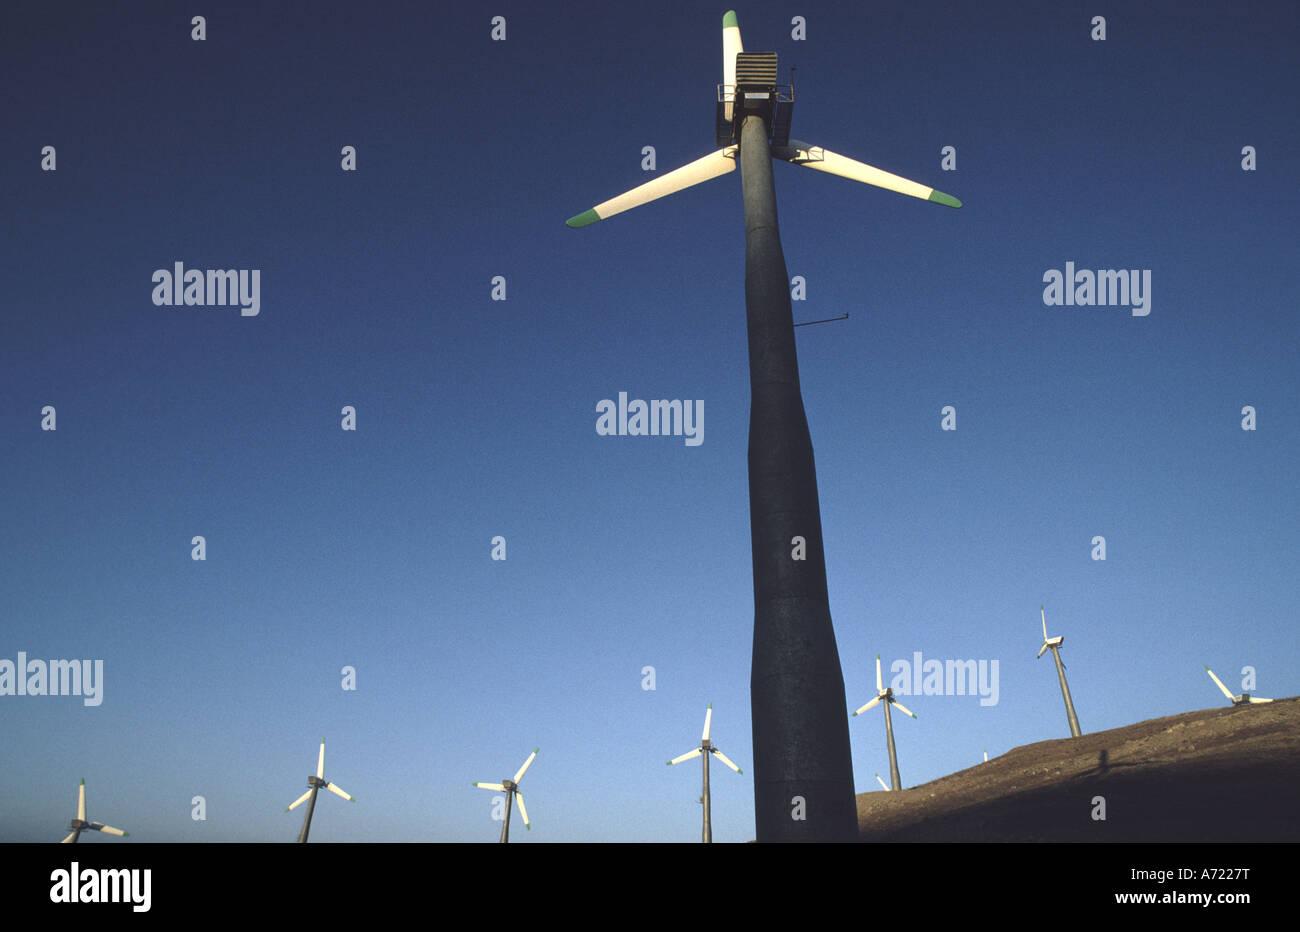 eine abstrakte Foto einer Windmühle, die Erzeugung von Strom in Kalifornien Stockbild